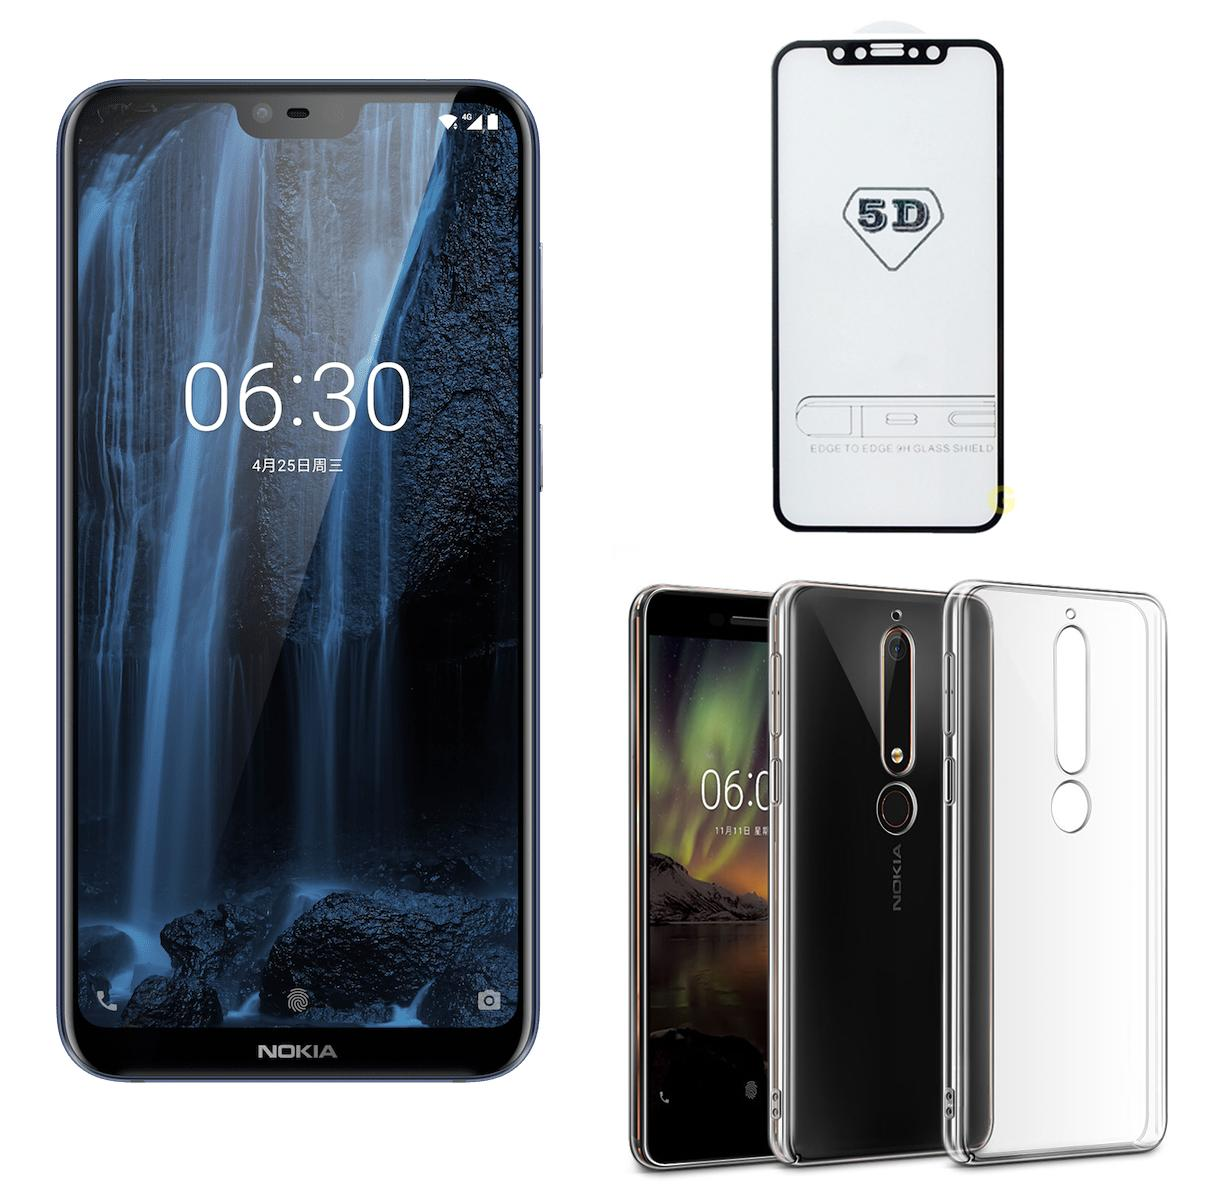 Nokia X6 64GB Ram 4GB (Đen) - ShopOnline24 + Cường lực 5D Full màn + Ốp lưng - Hàng nhập...